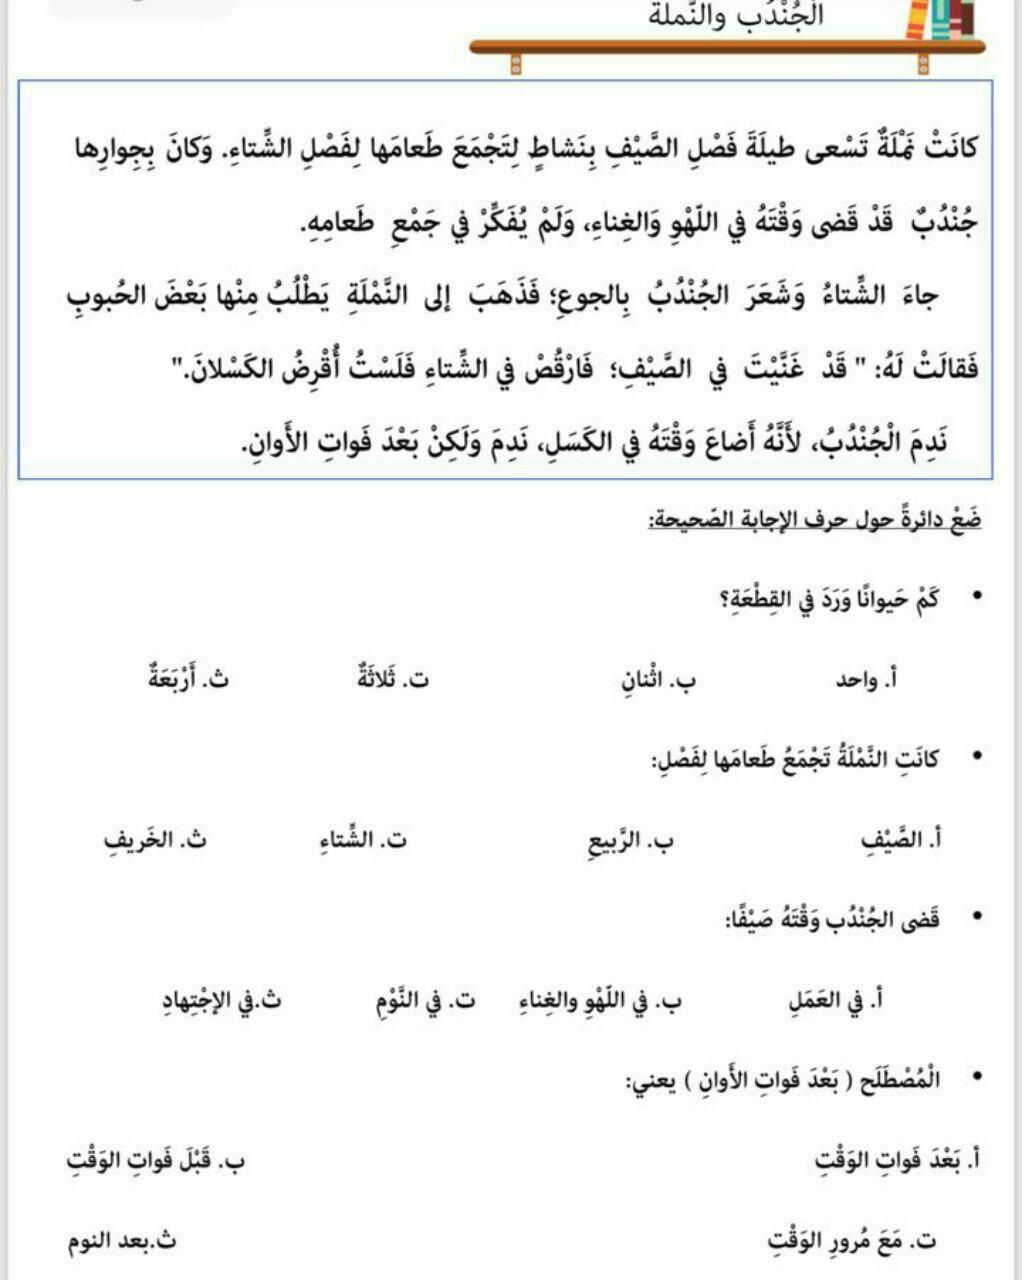 مدونة تعلم نصوص تدريبية في اللغة العربية للصف الثاني الفصل الدراسي الثاني2018 Learn Arabic Alphabet Arabic Language Arabic Lessons